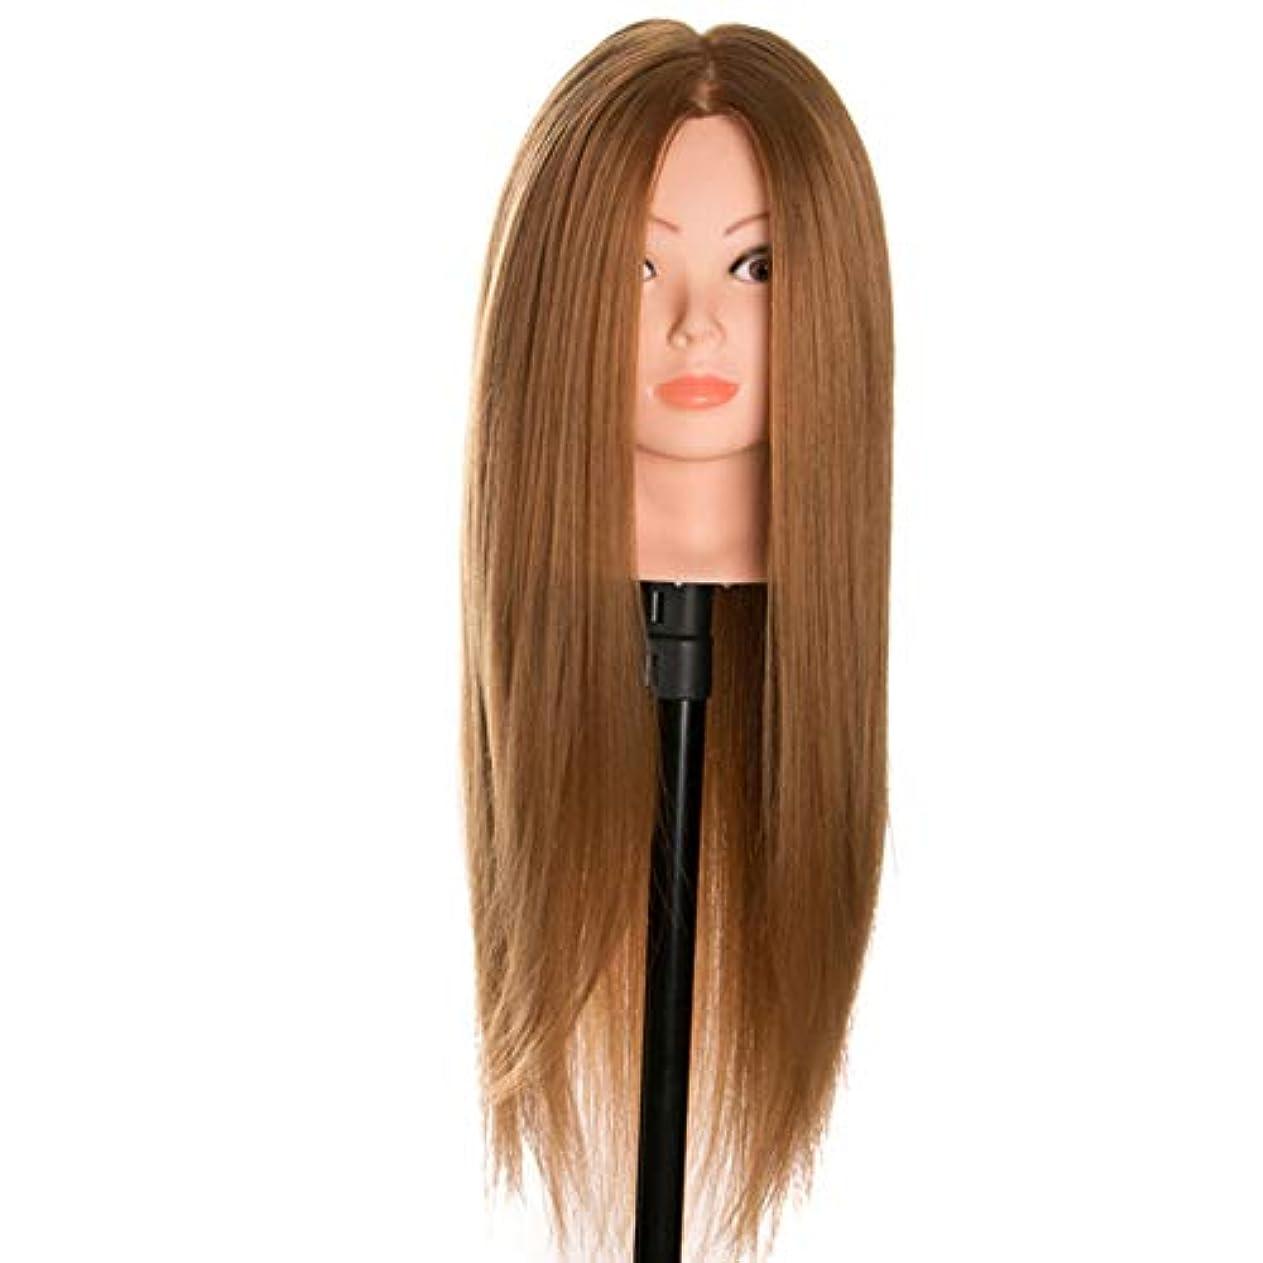 サイバースペース警告する考古学的なメイクディスクヘアスタイリング編み教育ダミーヘッド理髪ヘアカットトレーニングかつらサロンエクササイズヘッド金型3個